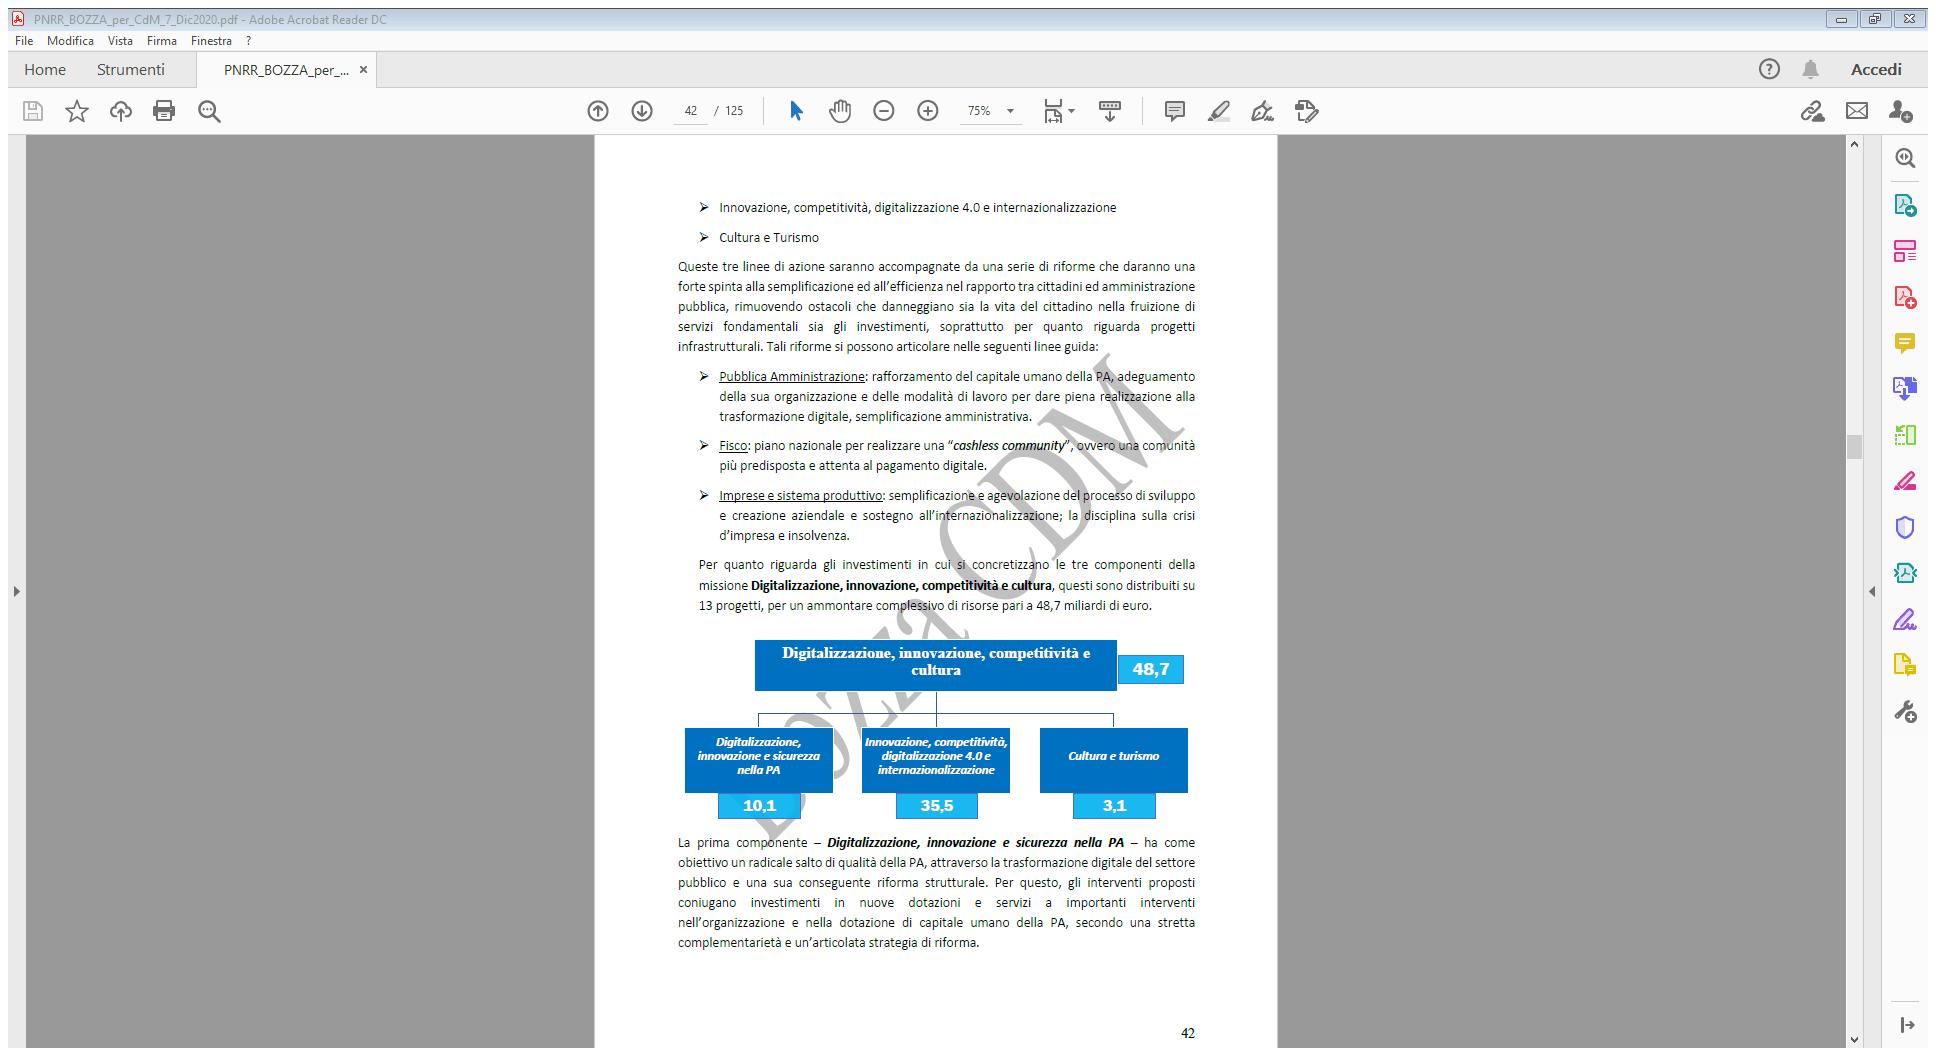 PNRR_BOZZA_per_CdM_7_Dic2020.pdf - Adobe Acrobat Reader DC